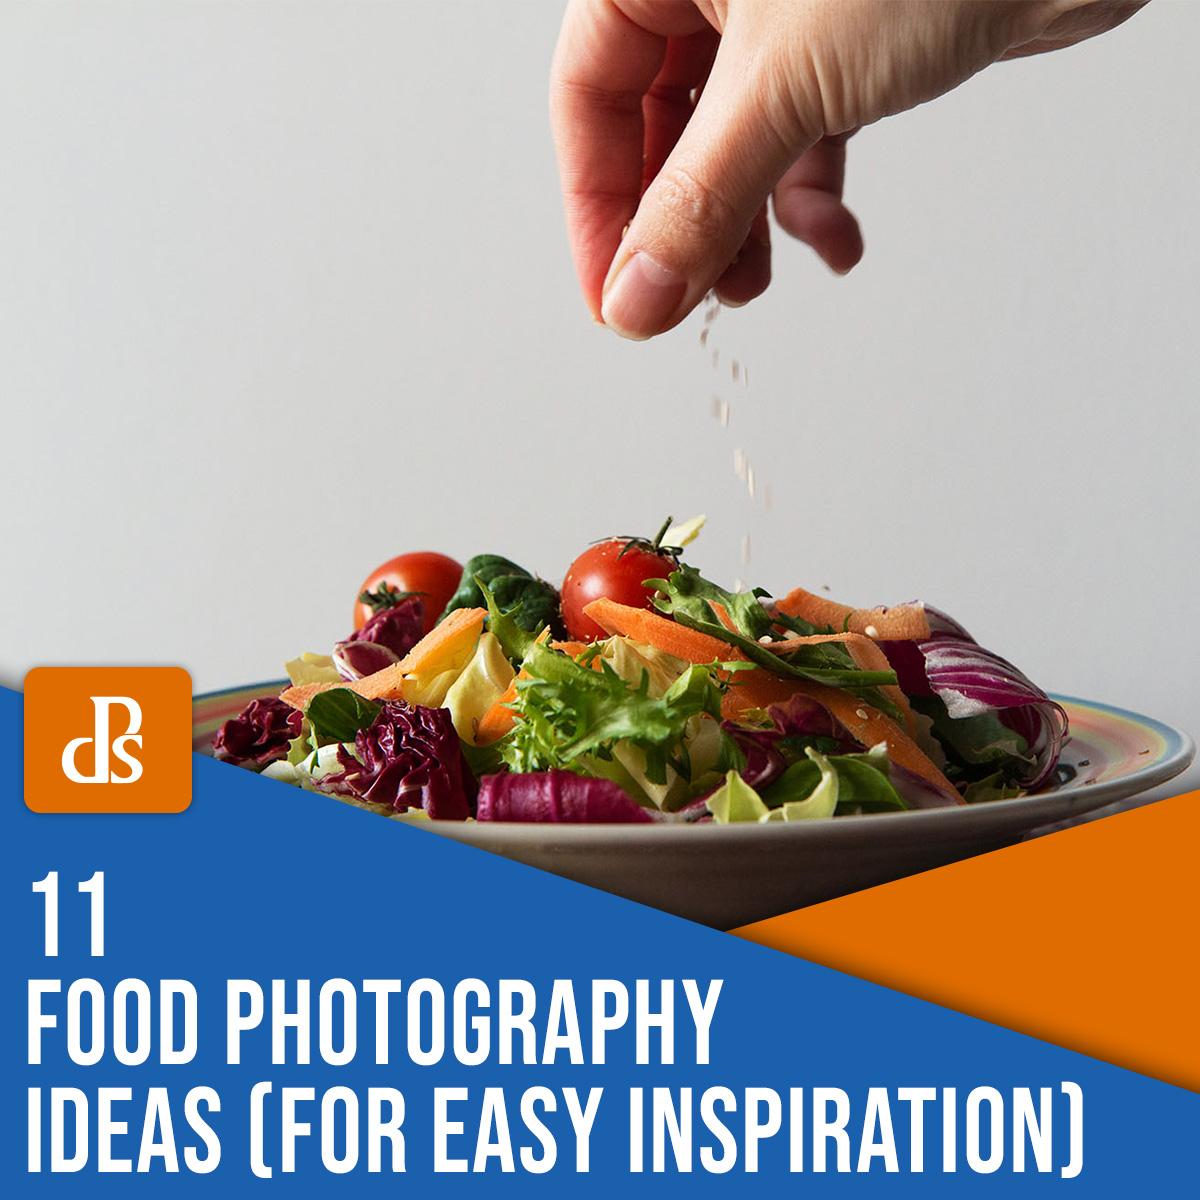 11 ideias de fotografia de comida para inspiração fácil